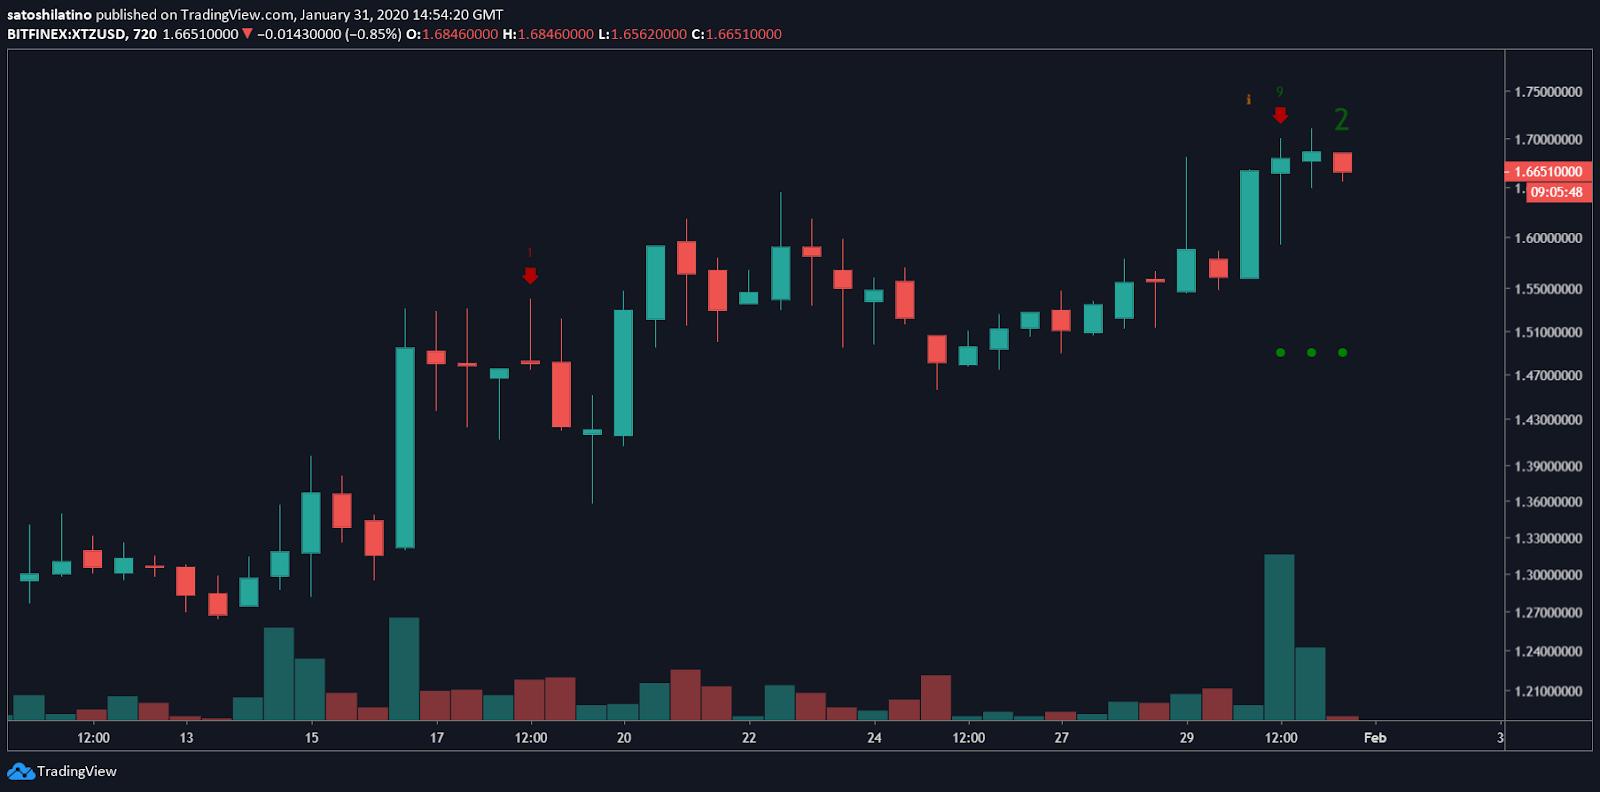 XTZ/USD chart by TradingView